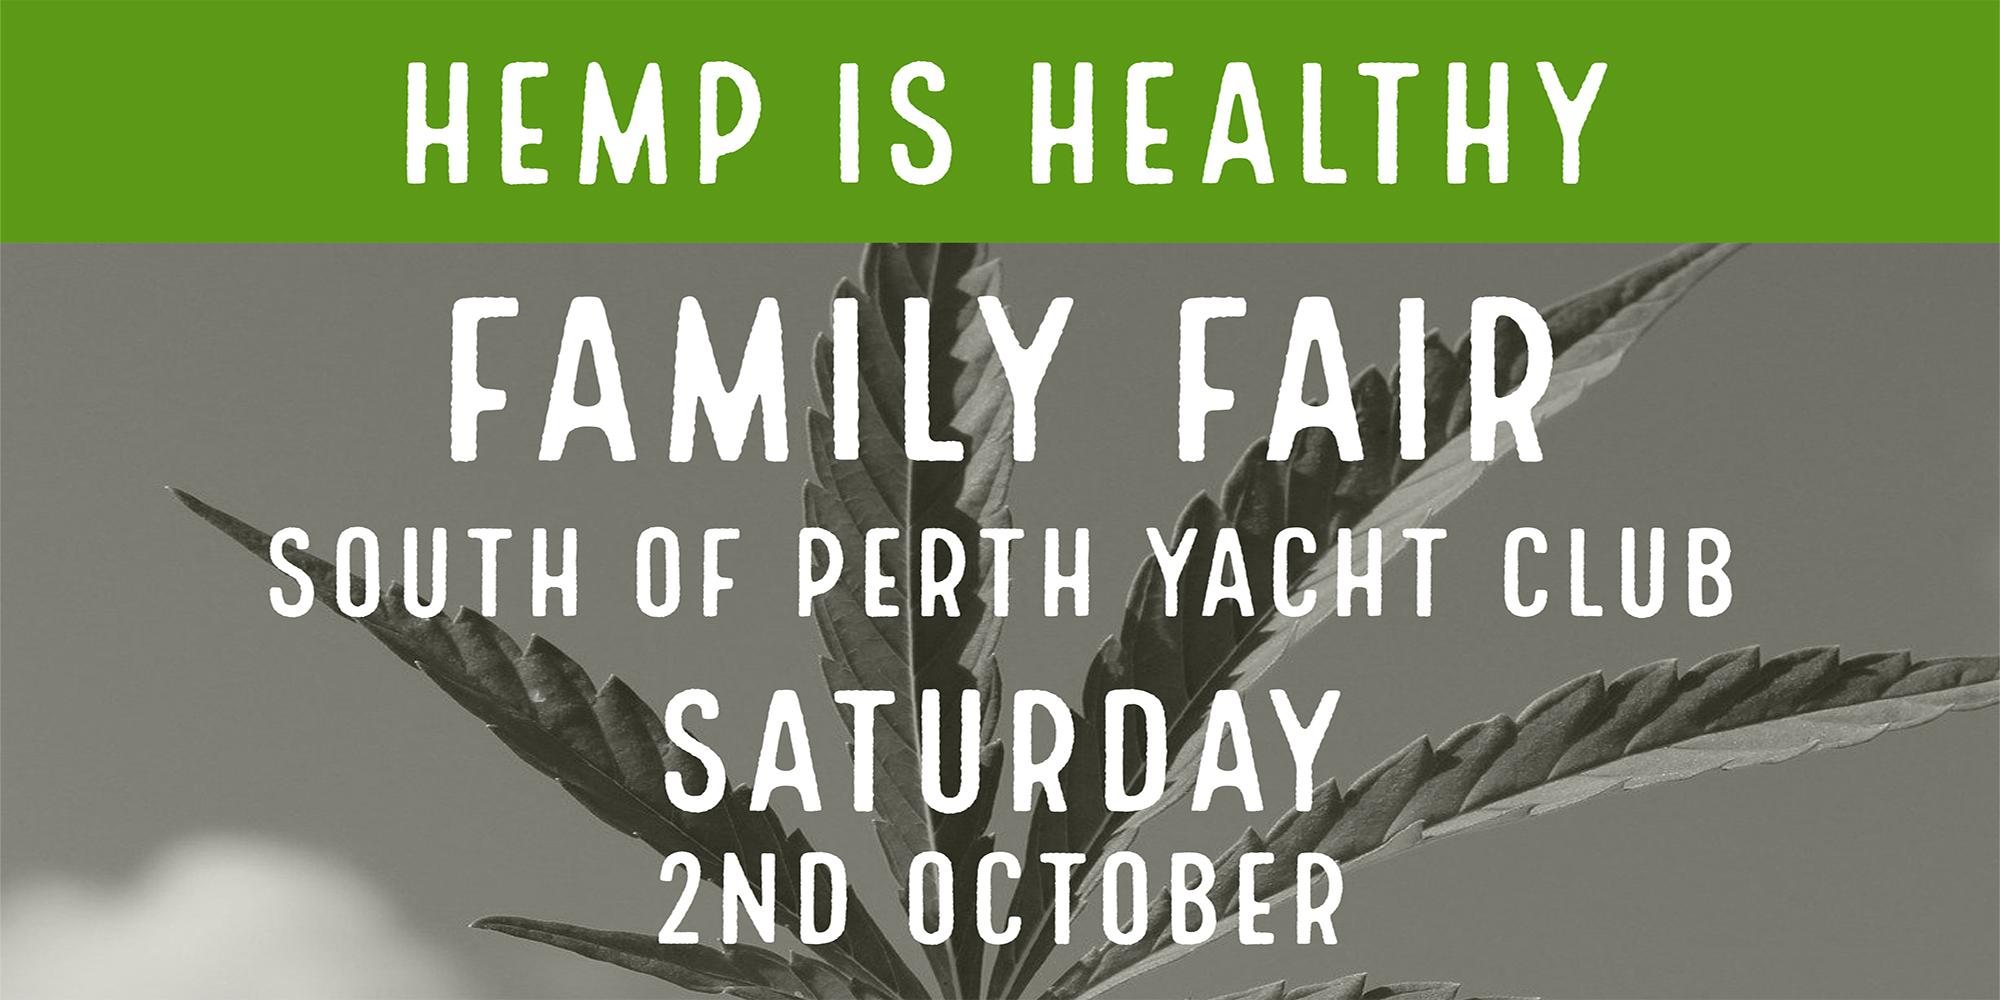 Hemp is Healthy Family Fair